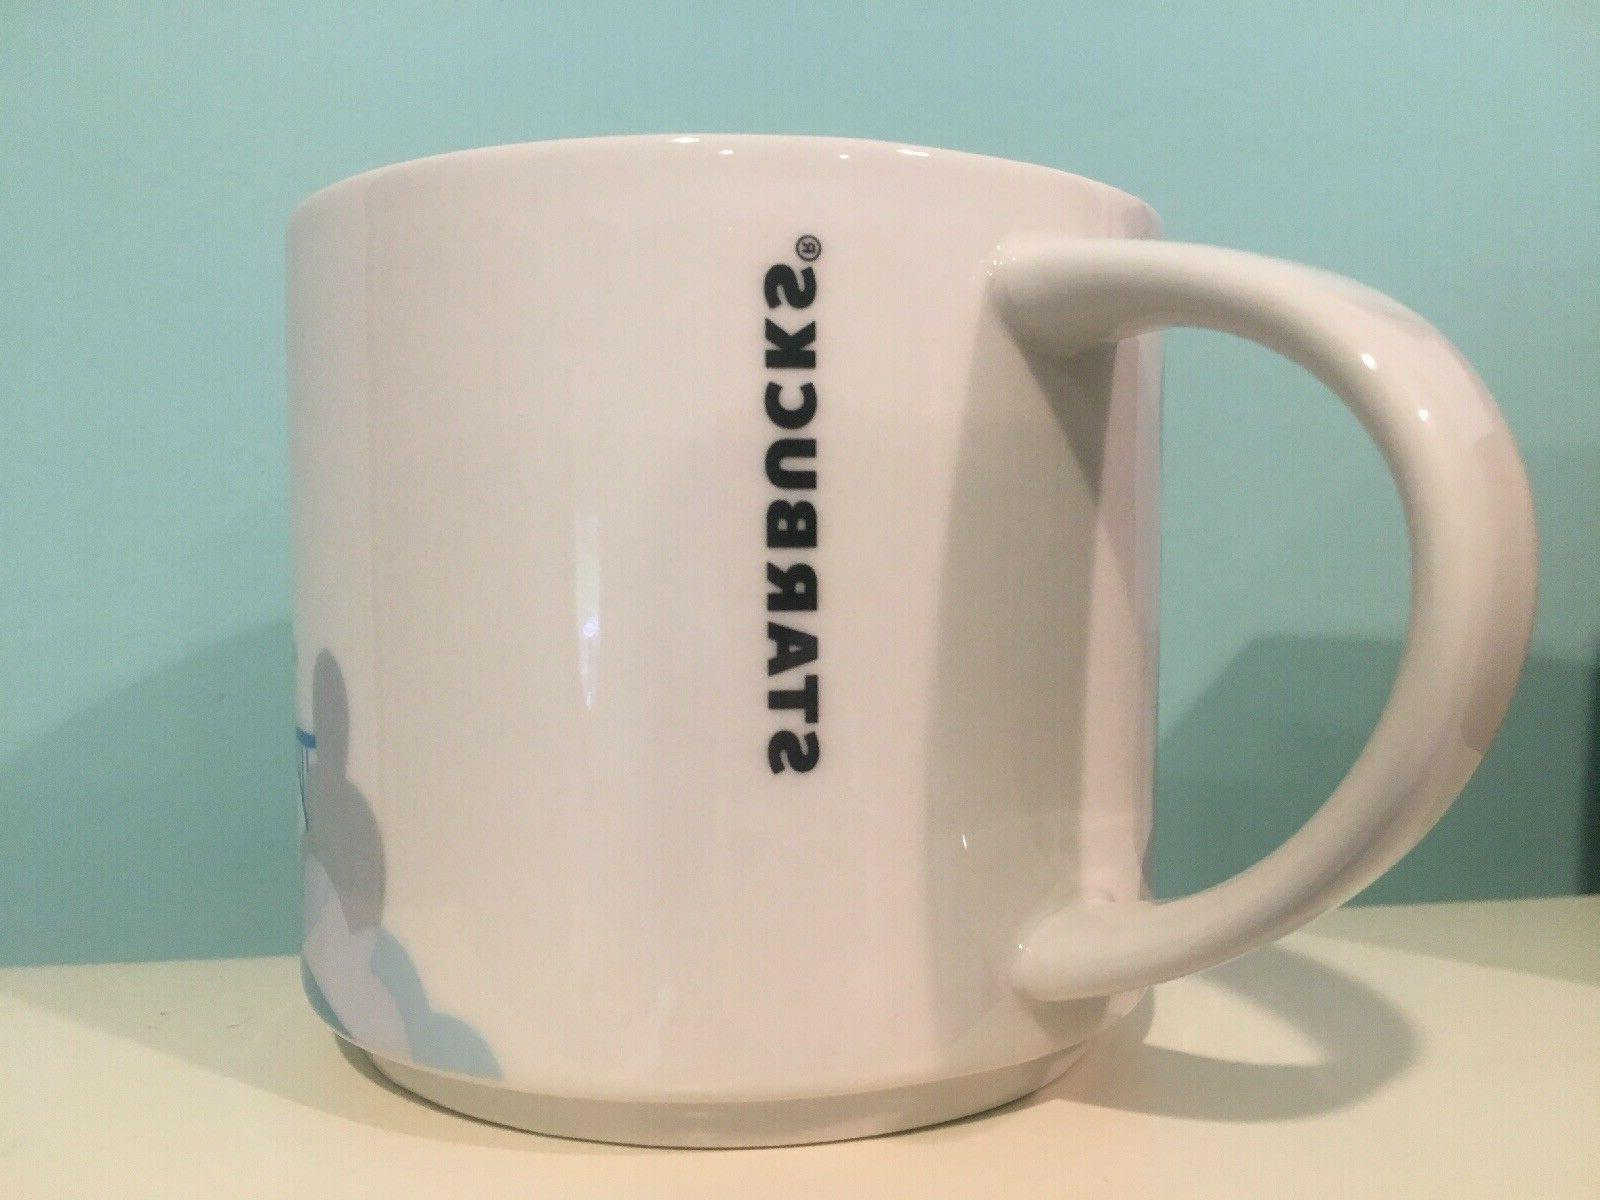 NIB You Here Niagara NEW 14 oz Coffee Cup